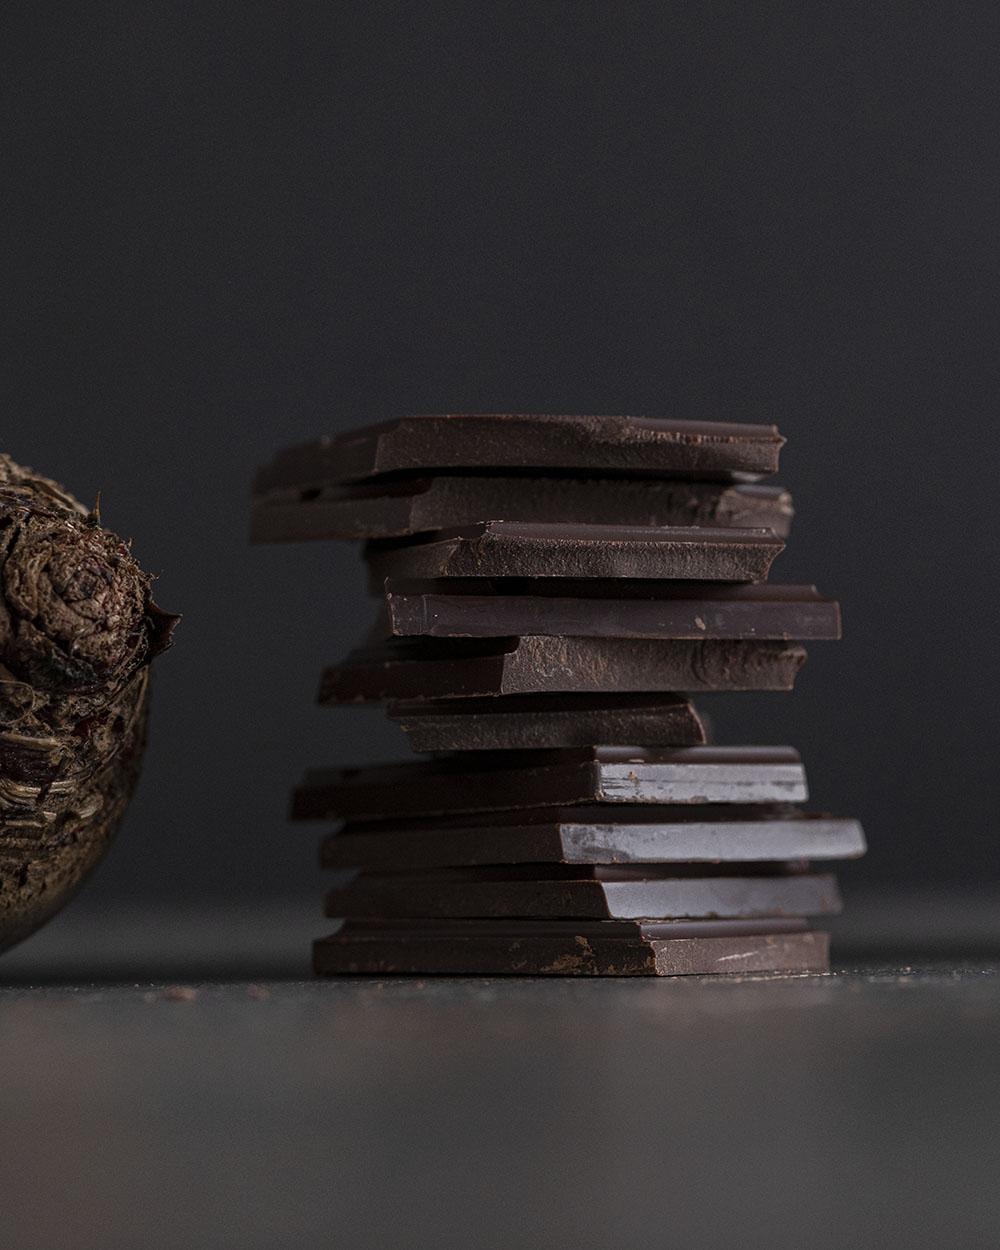 Eine Knolle Rote Bete liegt neben einem Stapel aufgetürmter Schokoladenstückchen